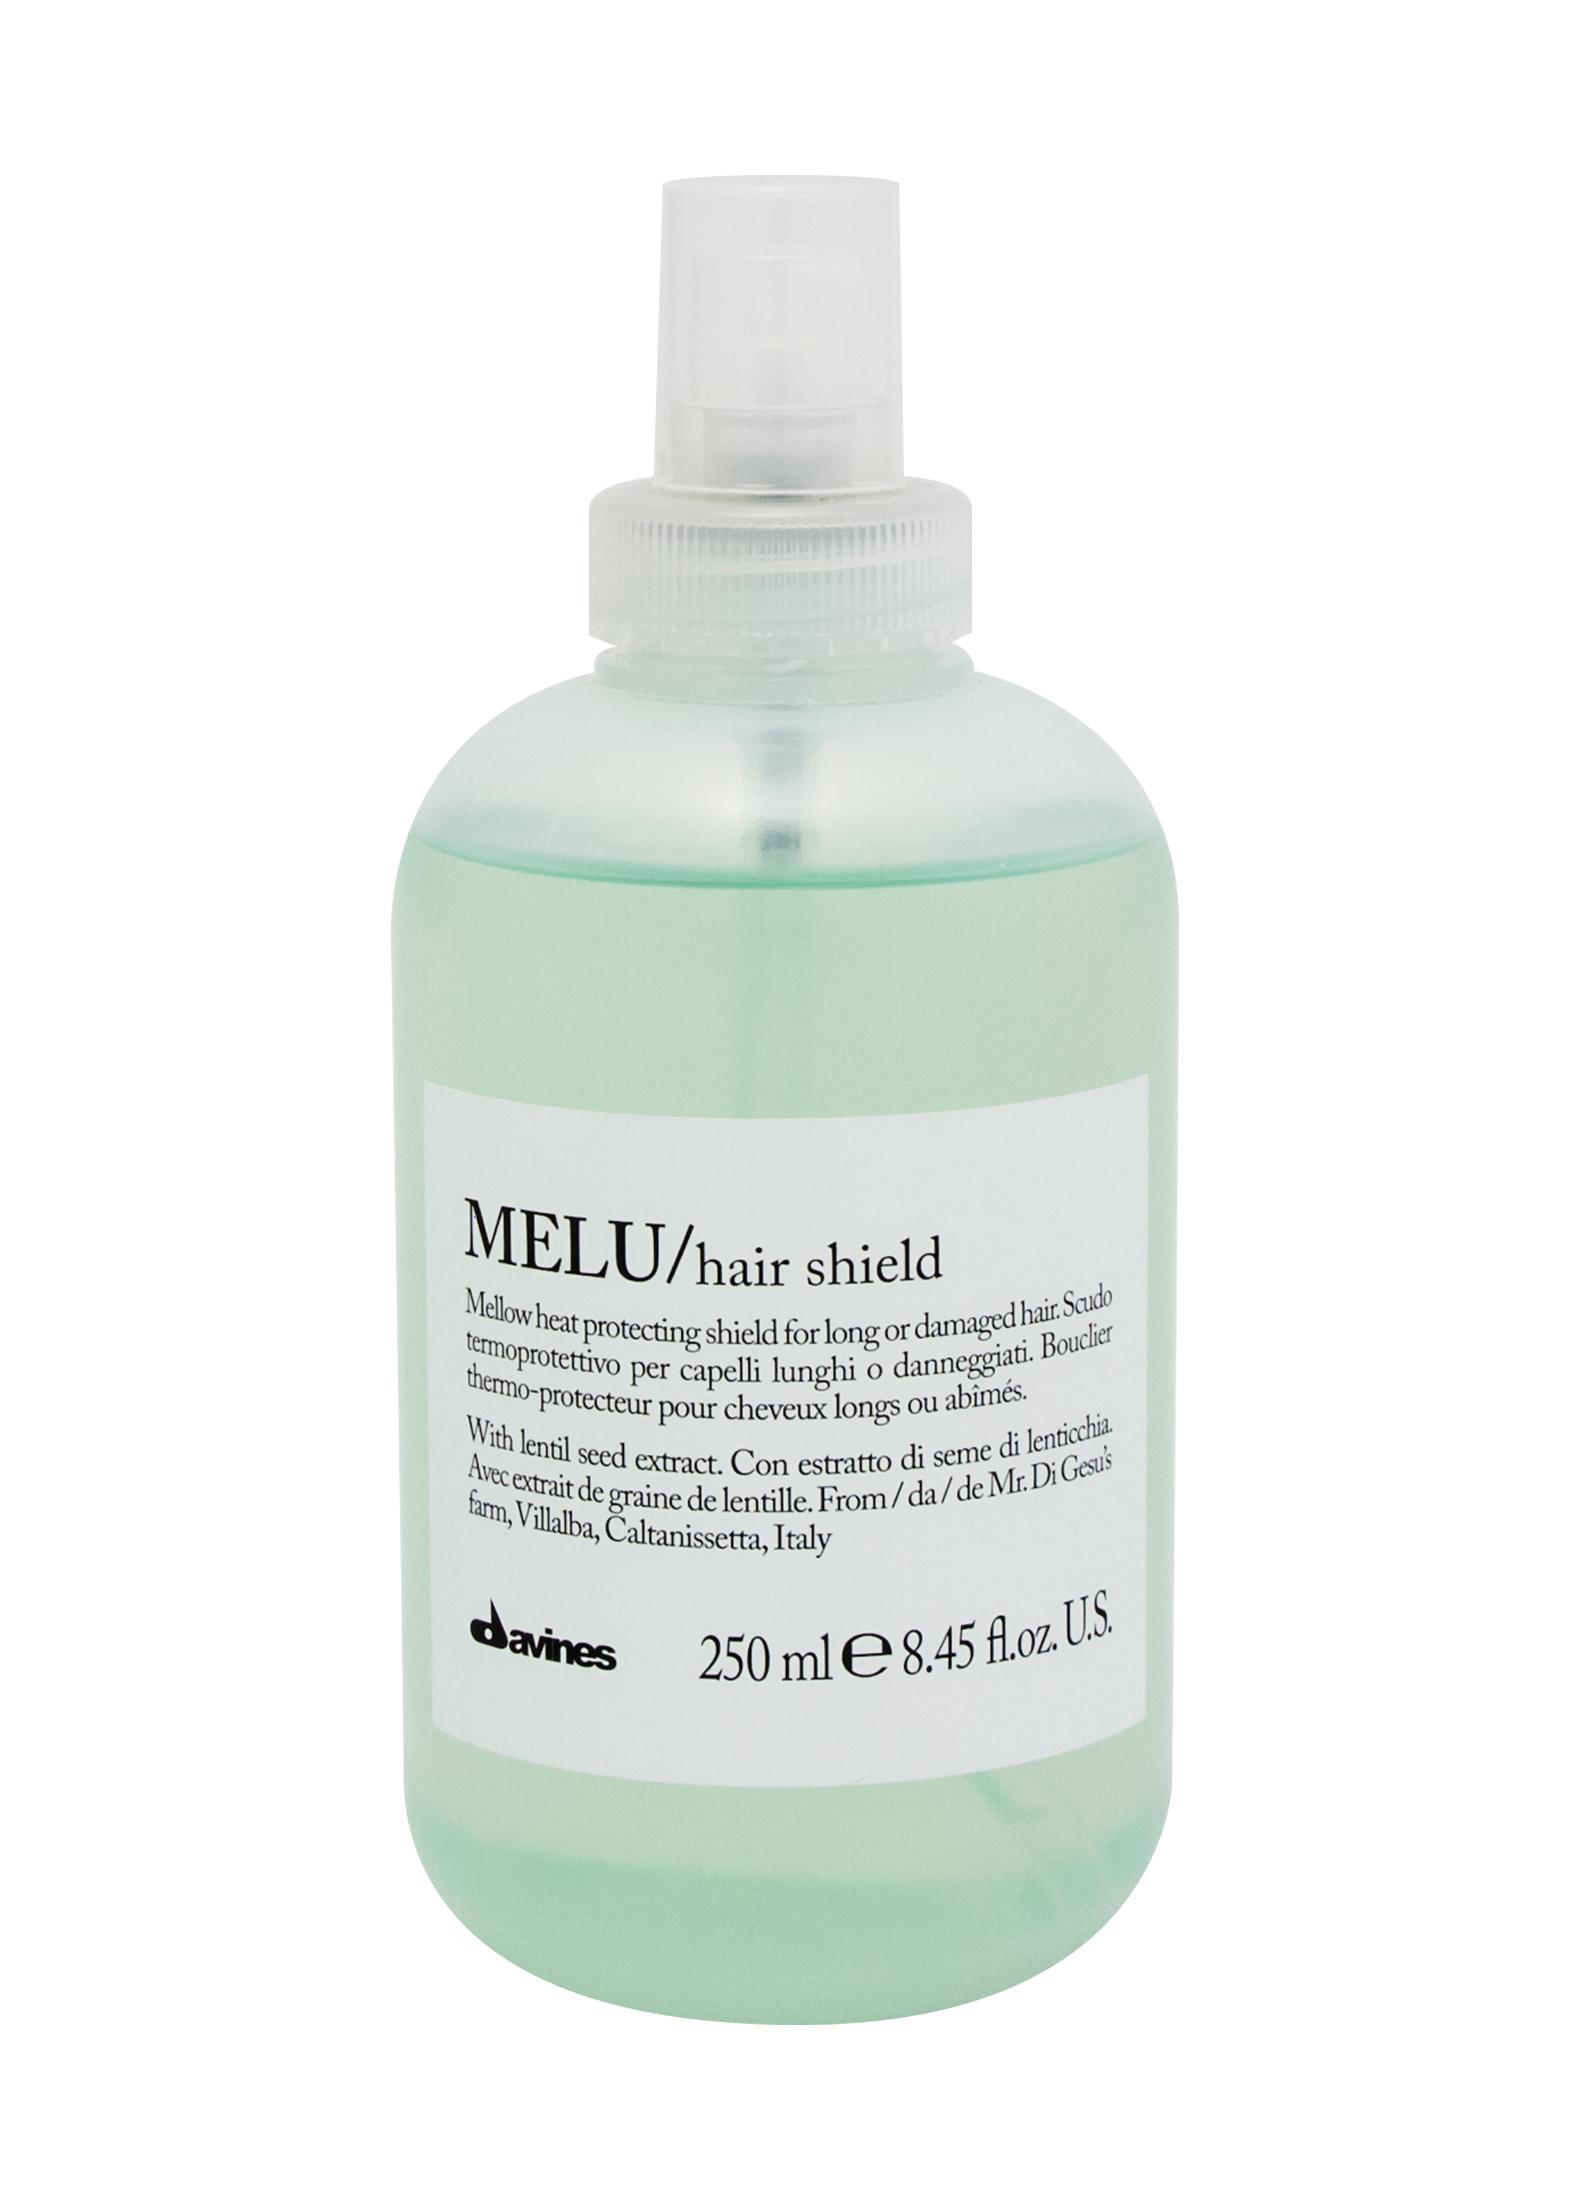 DEHC MELU hair shield 250ml image number 0